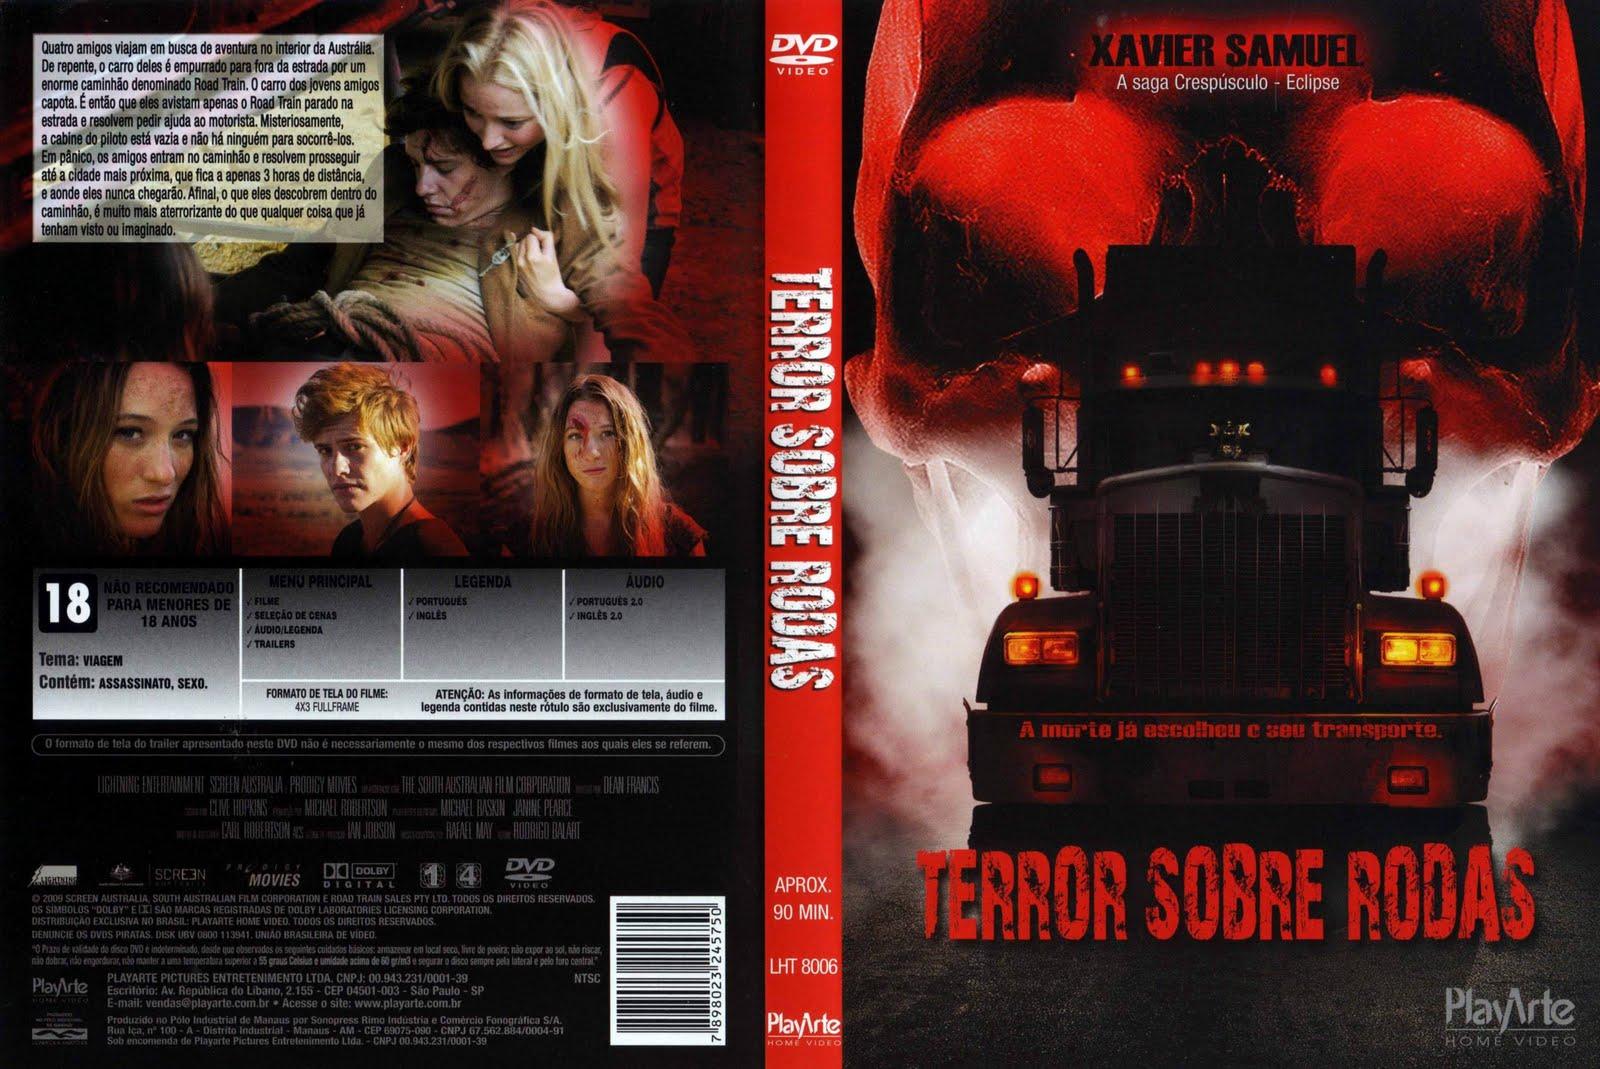 http://2.bp.blogspot.com/_1oiczSBcSZ0/TSG9N9uDRsI/AAAAAAAAA4Y/-aNzav8d10o/s1600/Terror%2BSobre%2BRodas.jpg